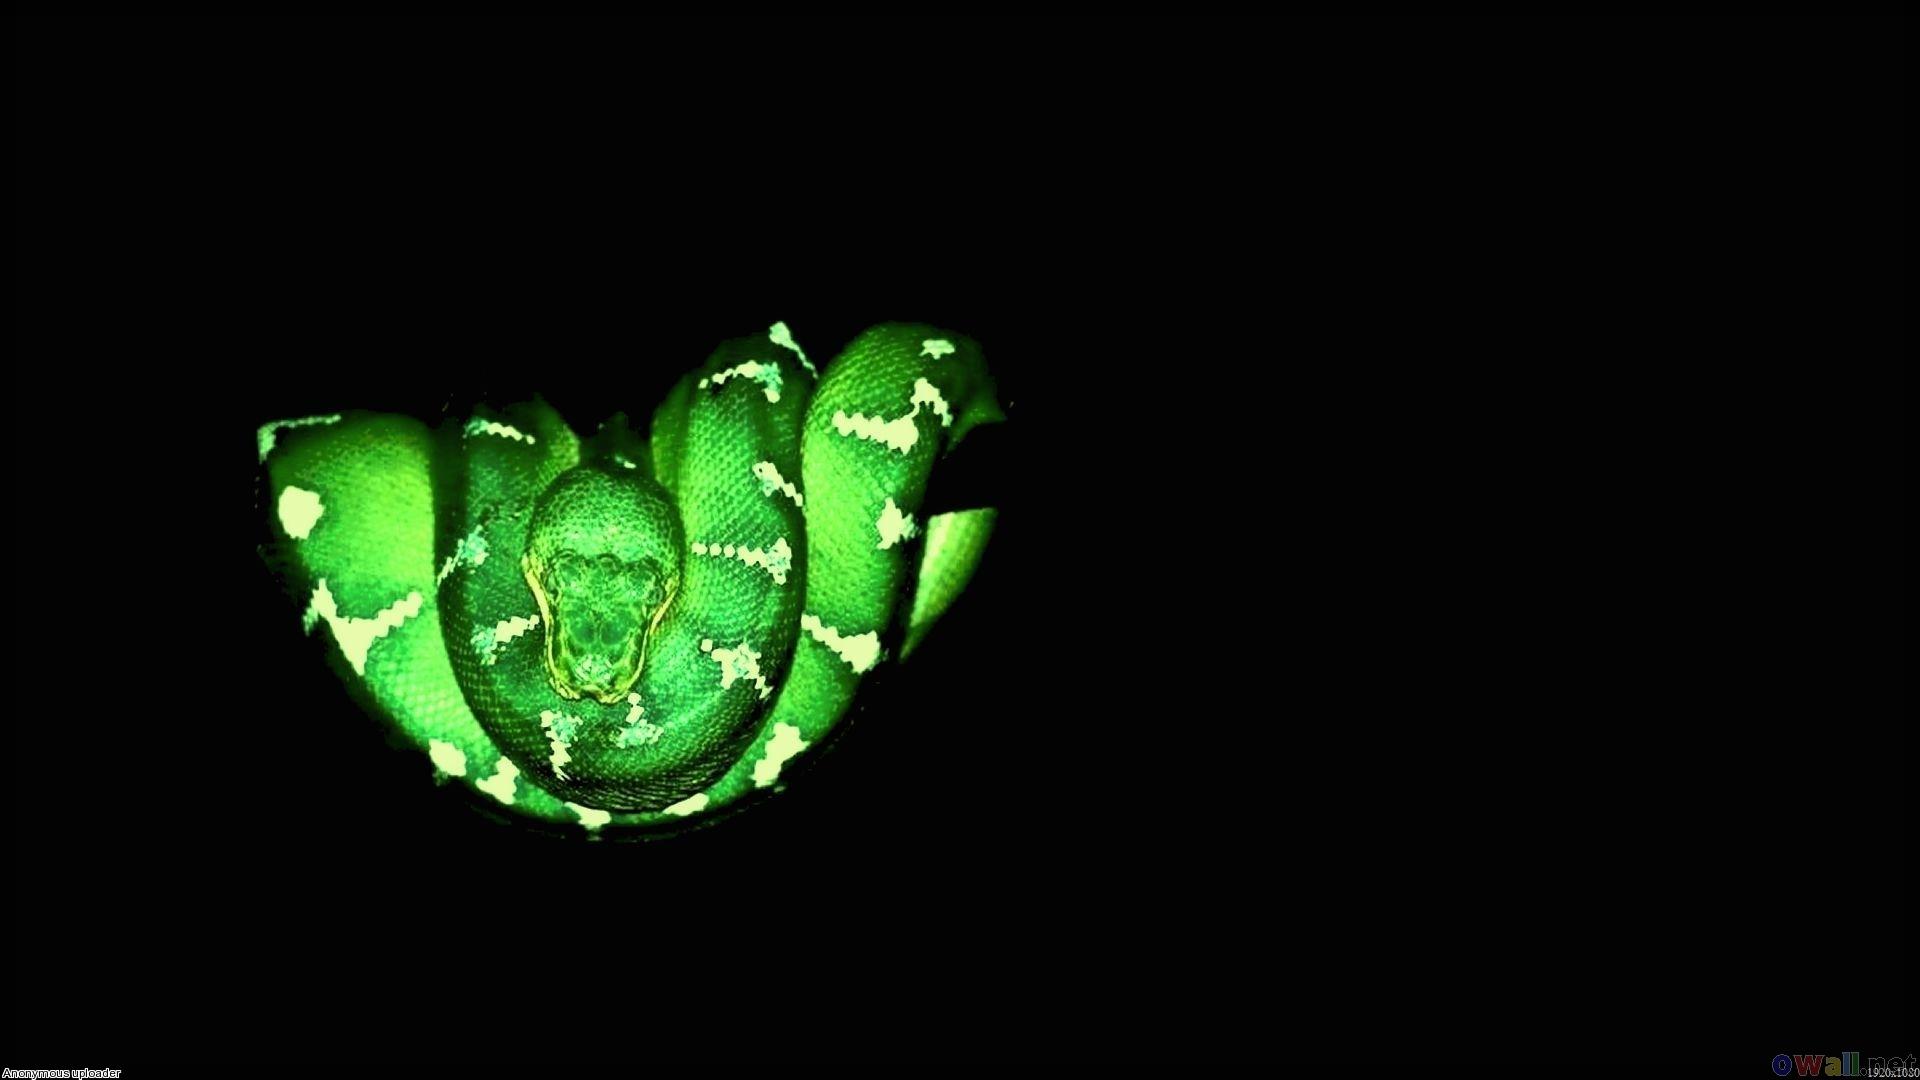 Зеленая змея, фото, обои для рабочего стола